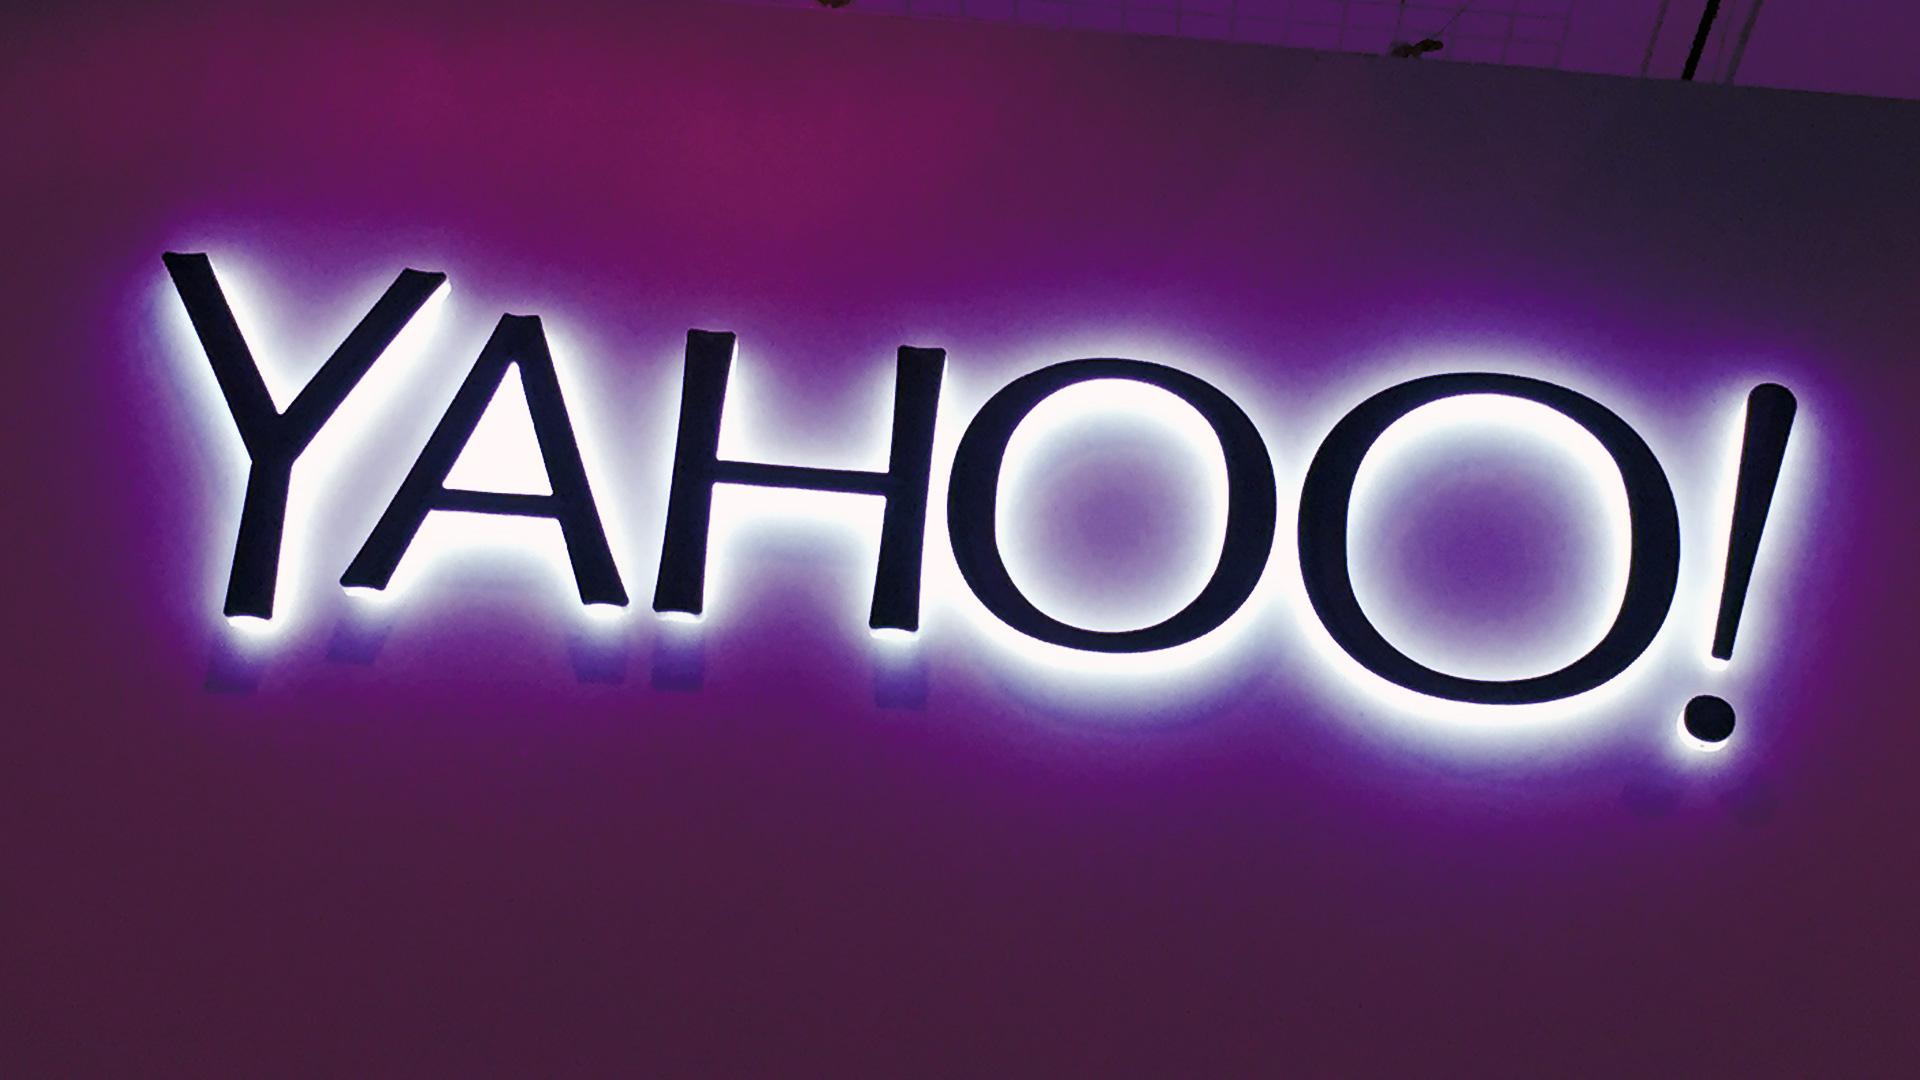 Yahoo thử nghiệm thanh tìm kiếm mới với logo bên phải